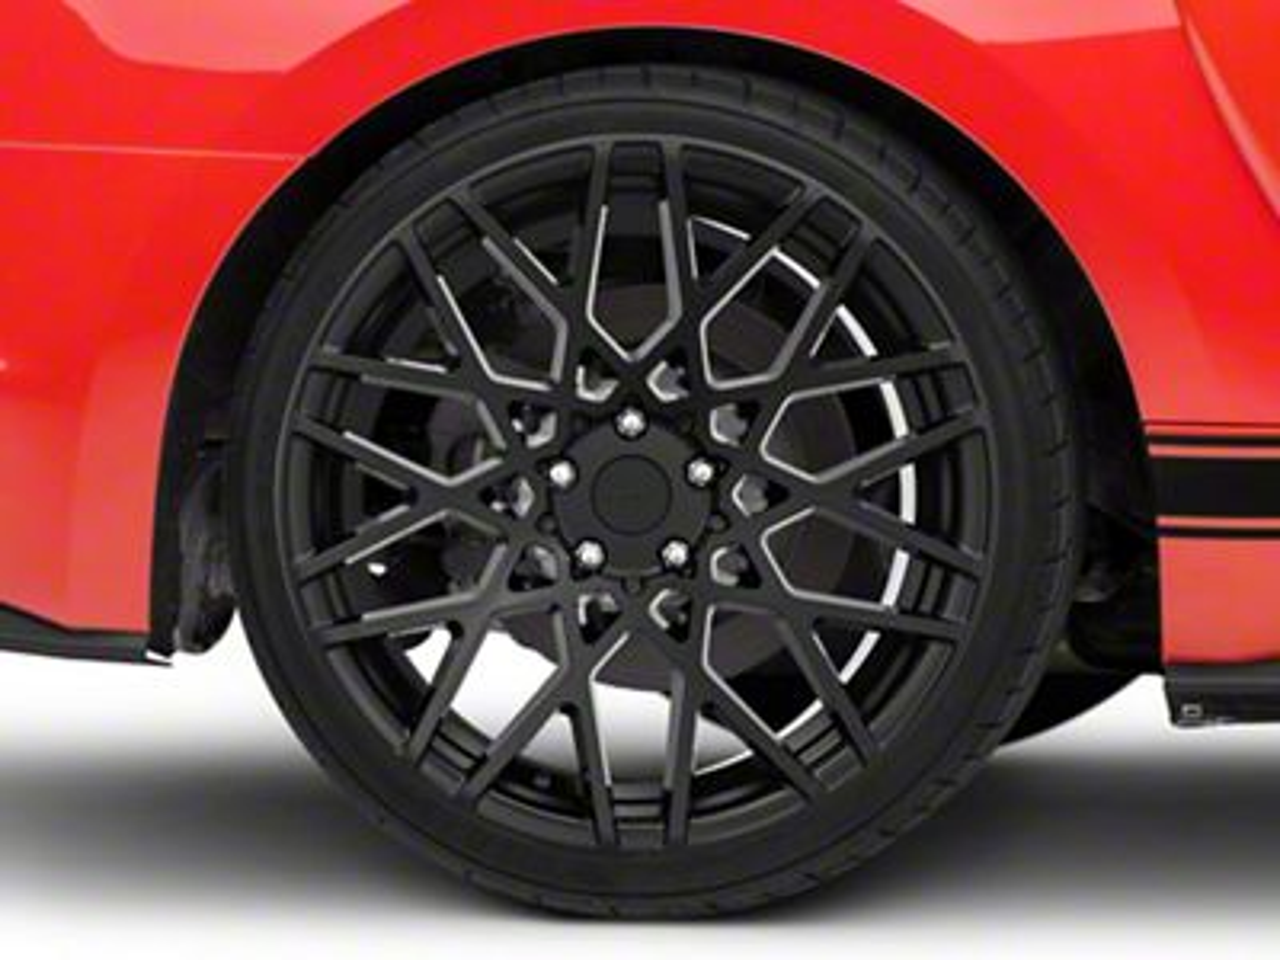 Rotiform BLQ Matte Black Wheel - 20x10 - Rear Only (15-19 GT, EcoBoost, V6)